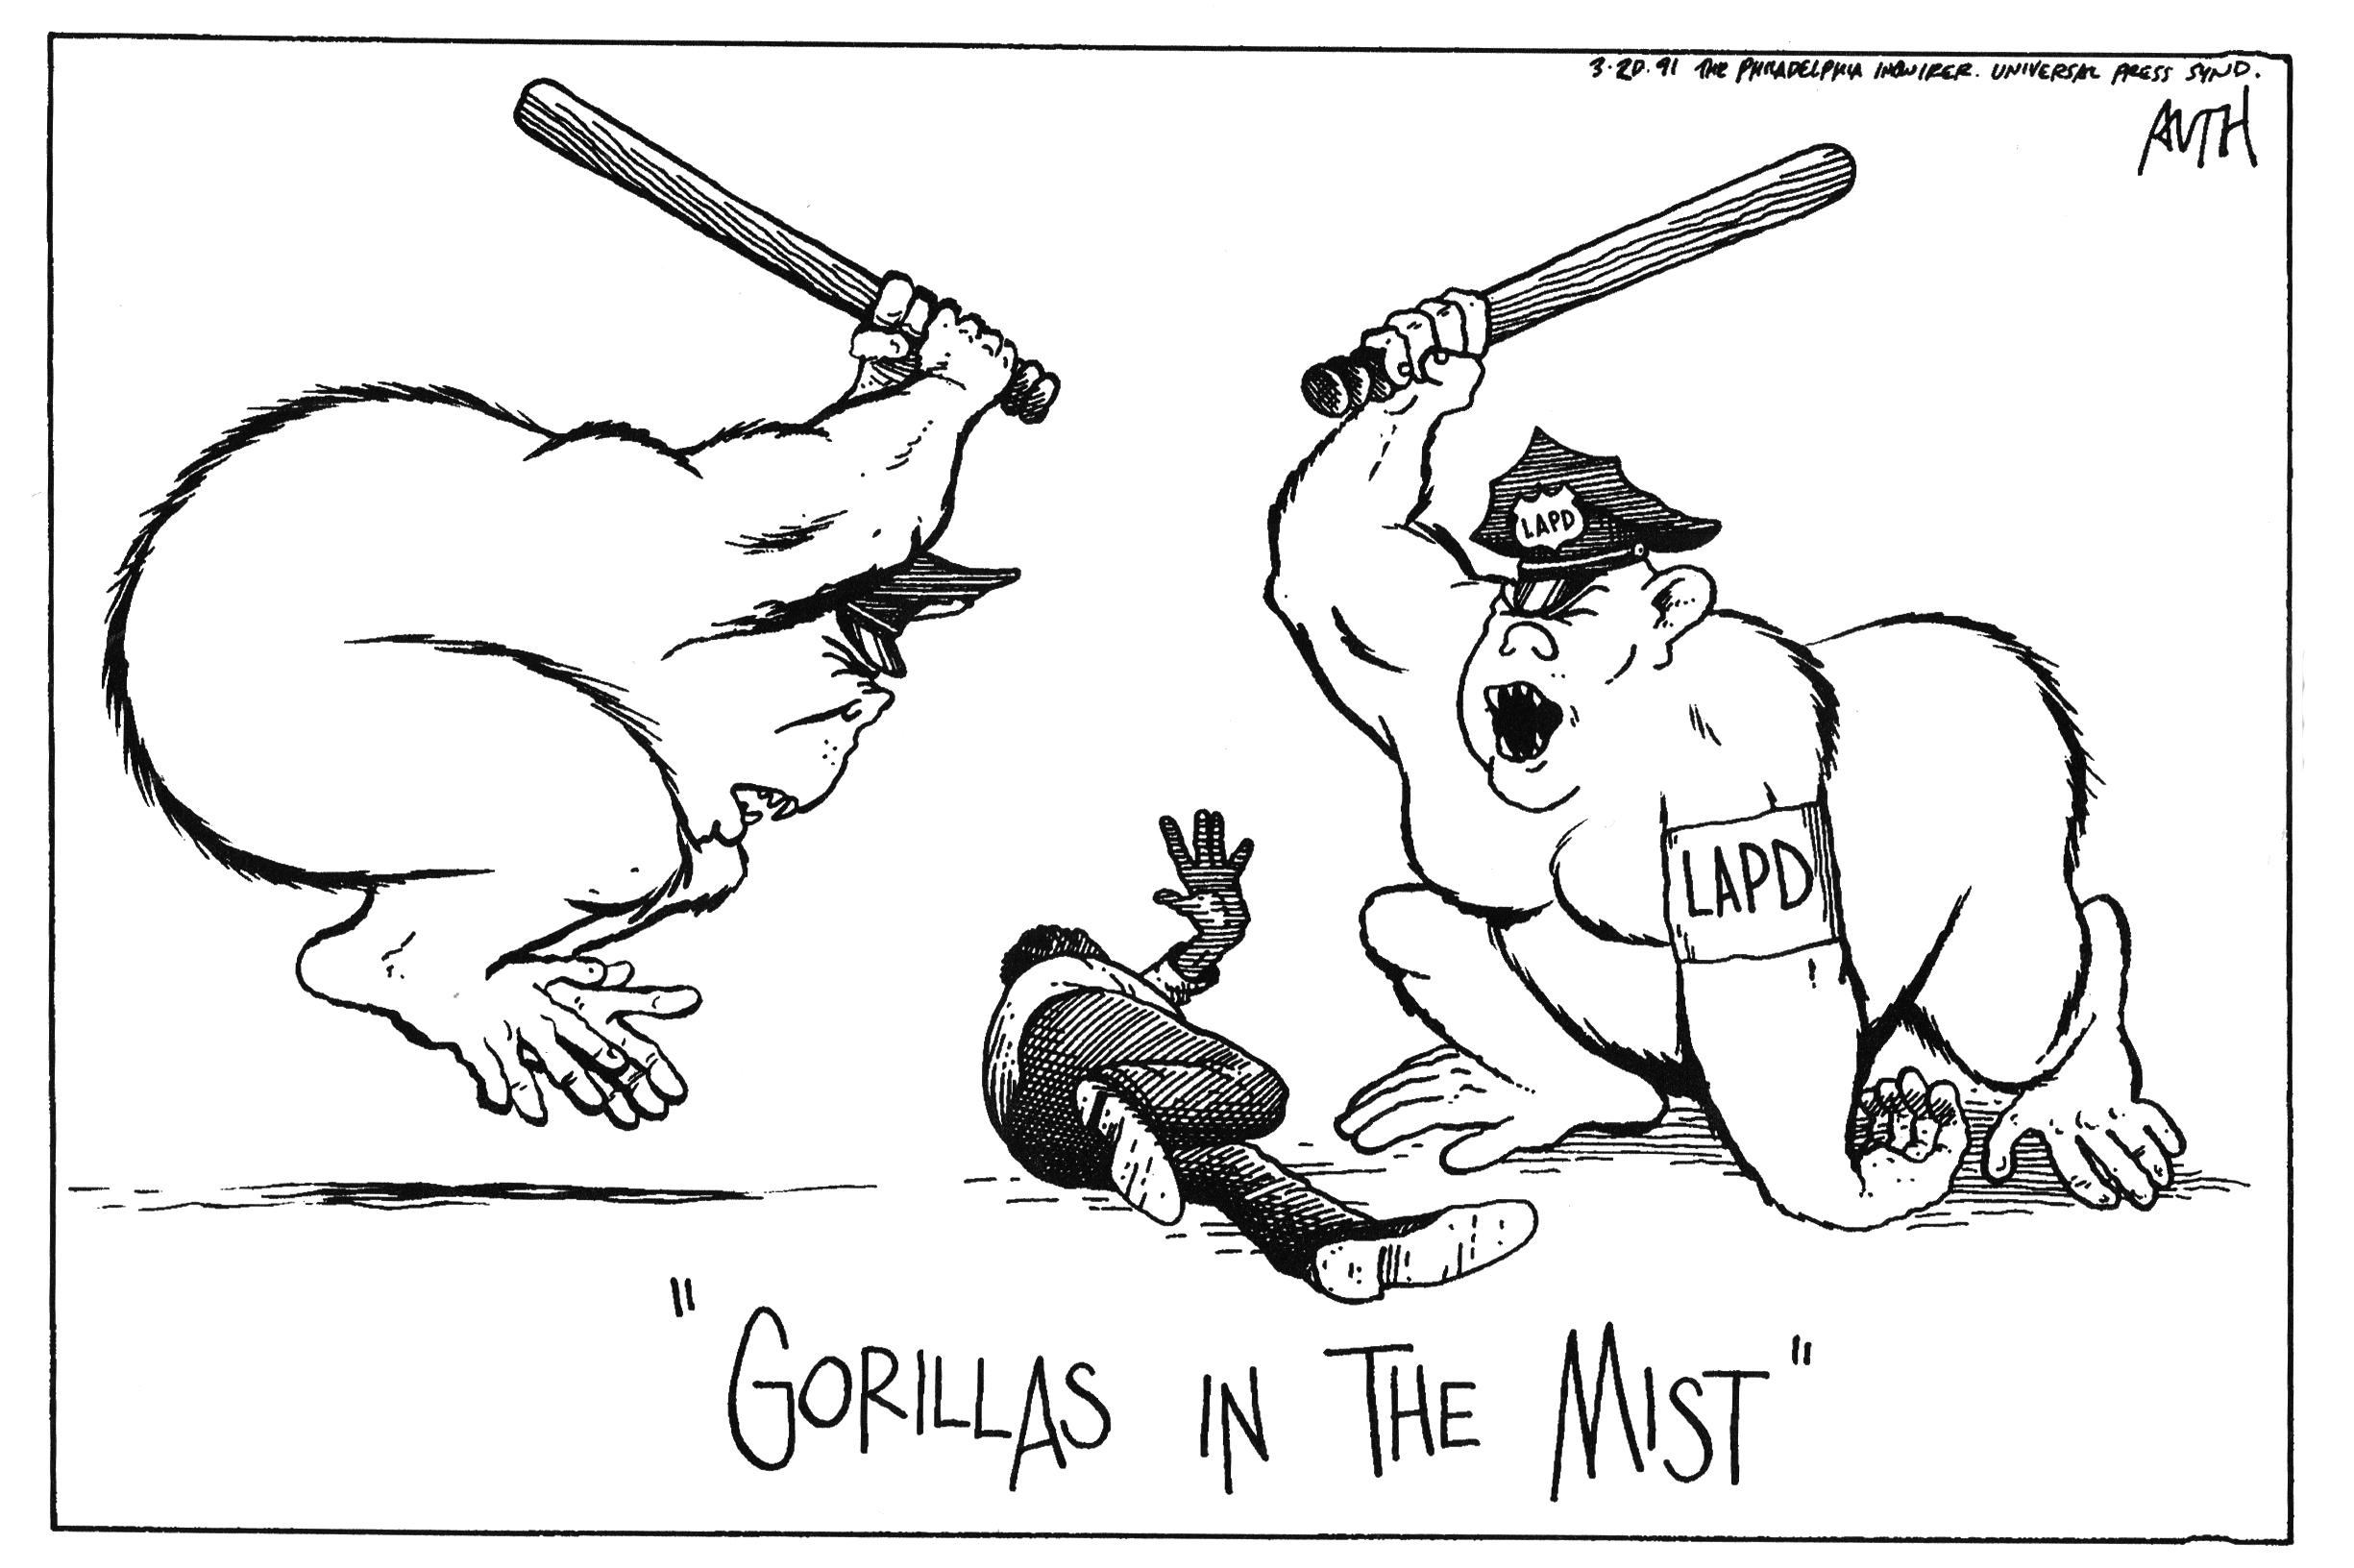 910320-gorillas-in-the-mist